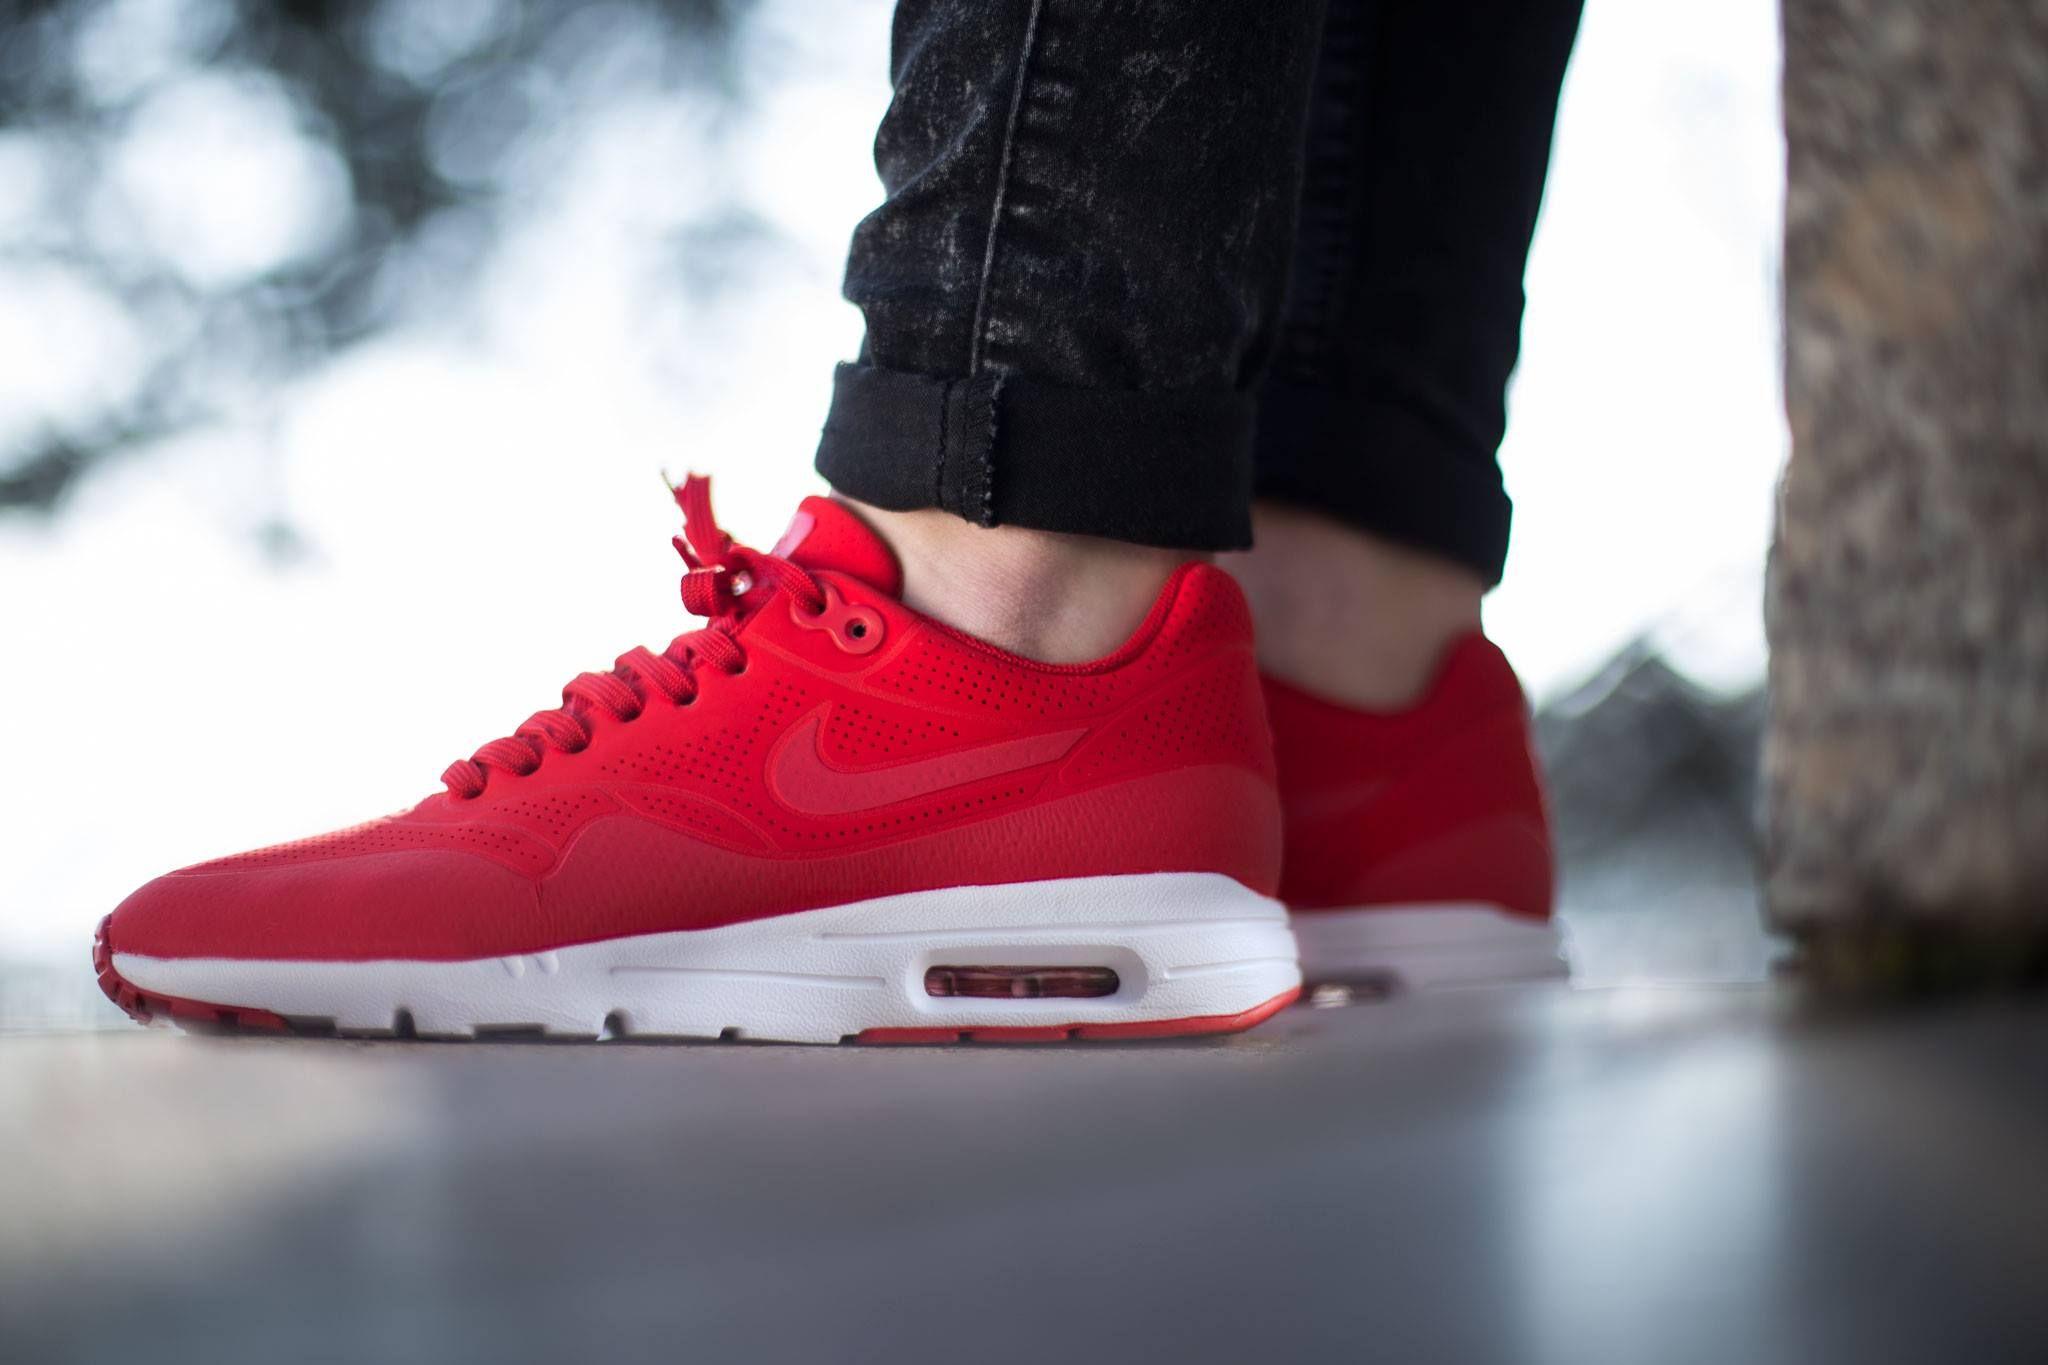 Nike Wmns Air Max 1 Ultra Moire